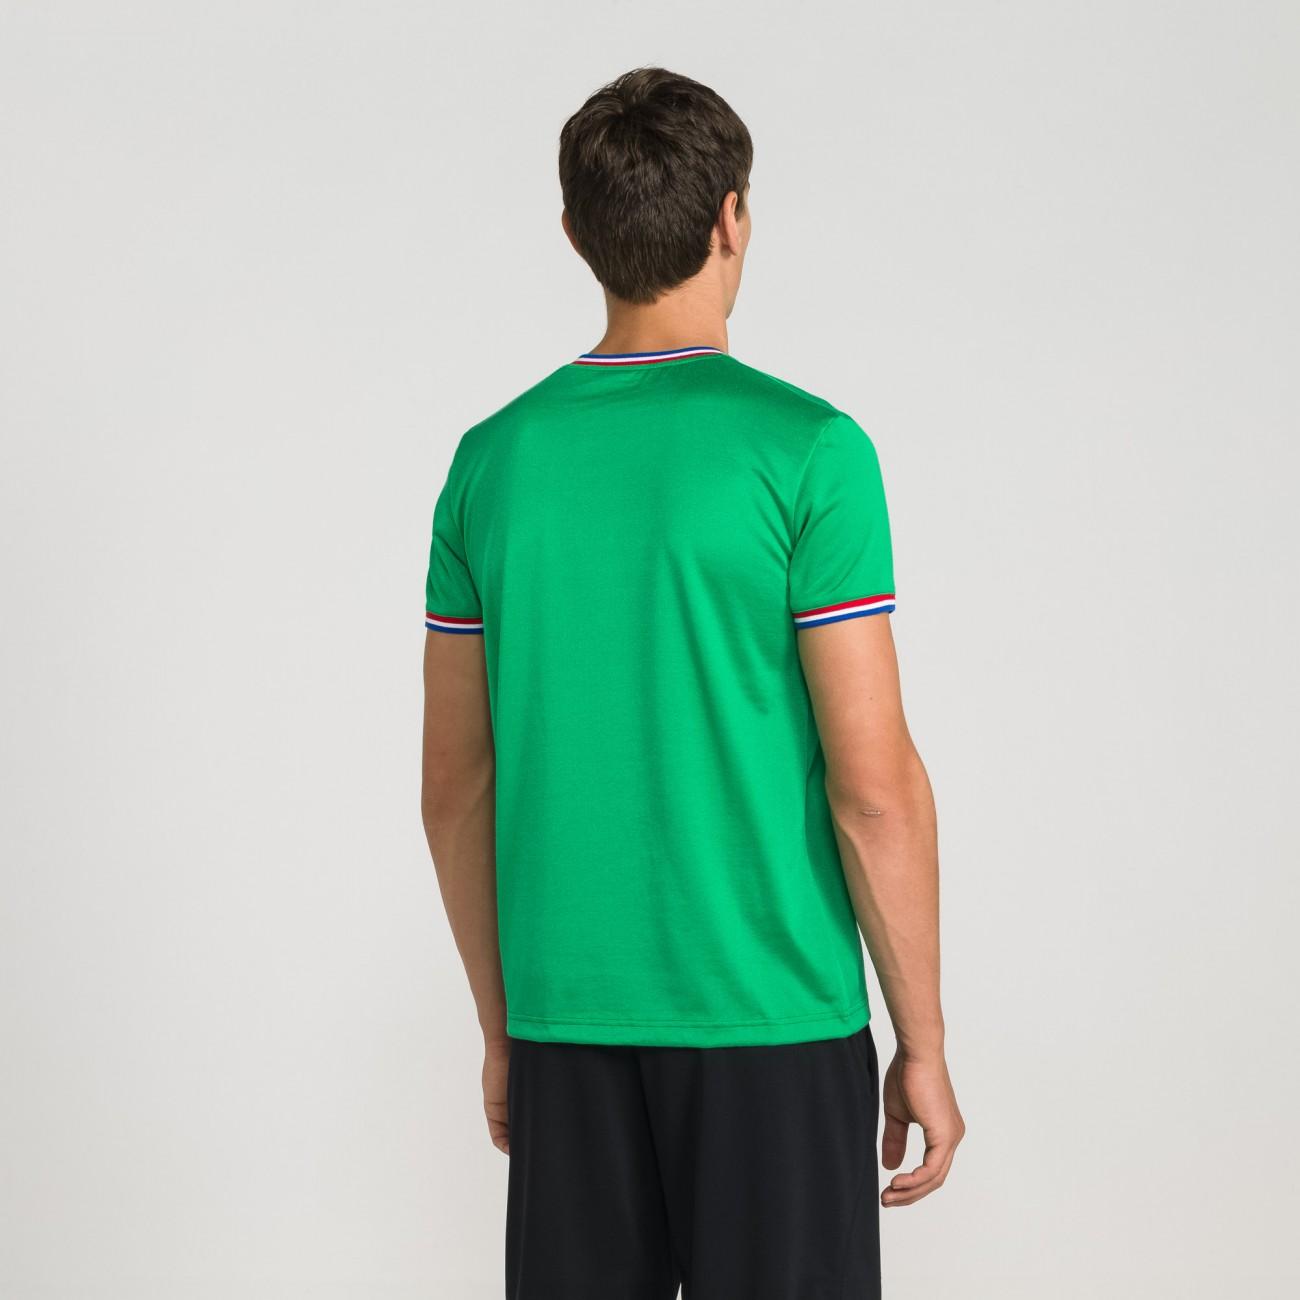 tenue de foot saint etienne LONGUES